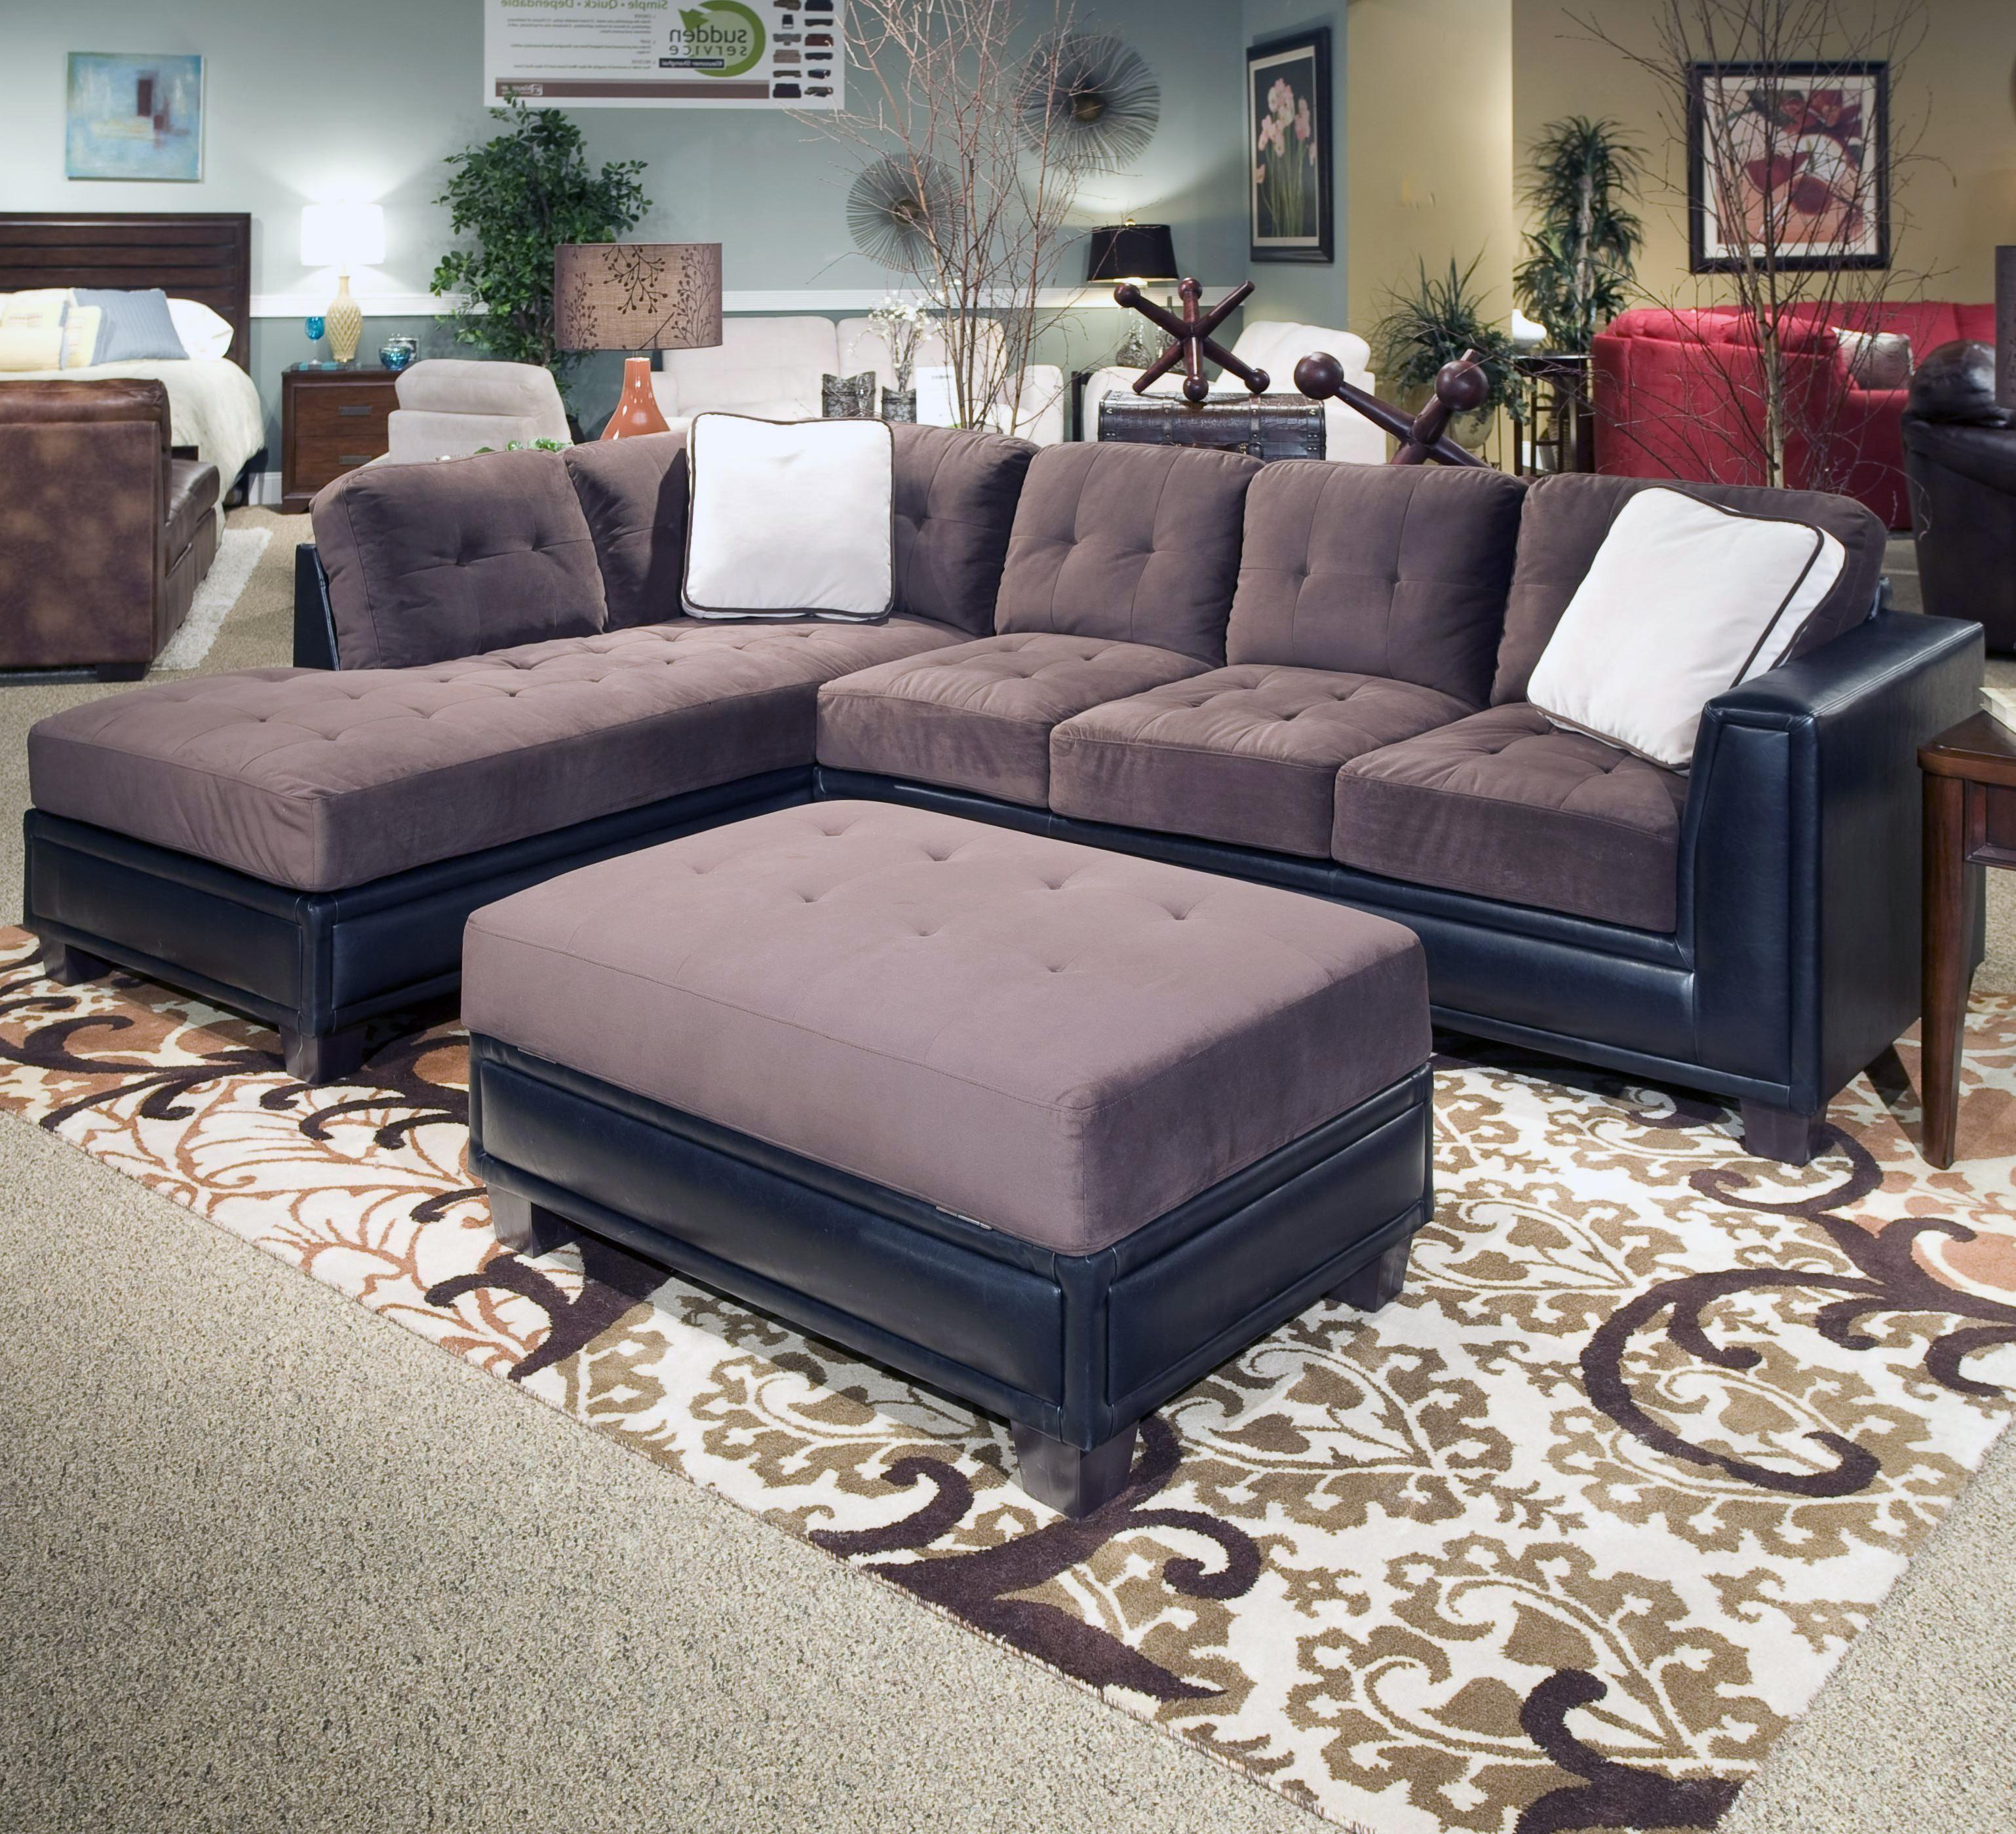 Delicieux Norwich Sectional   Walkeru0027s Furniture   Sofa Sectional Spokane, Kennewick  Washington, Coeur Du0027